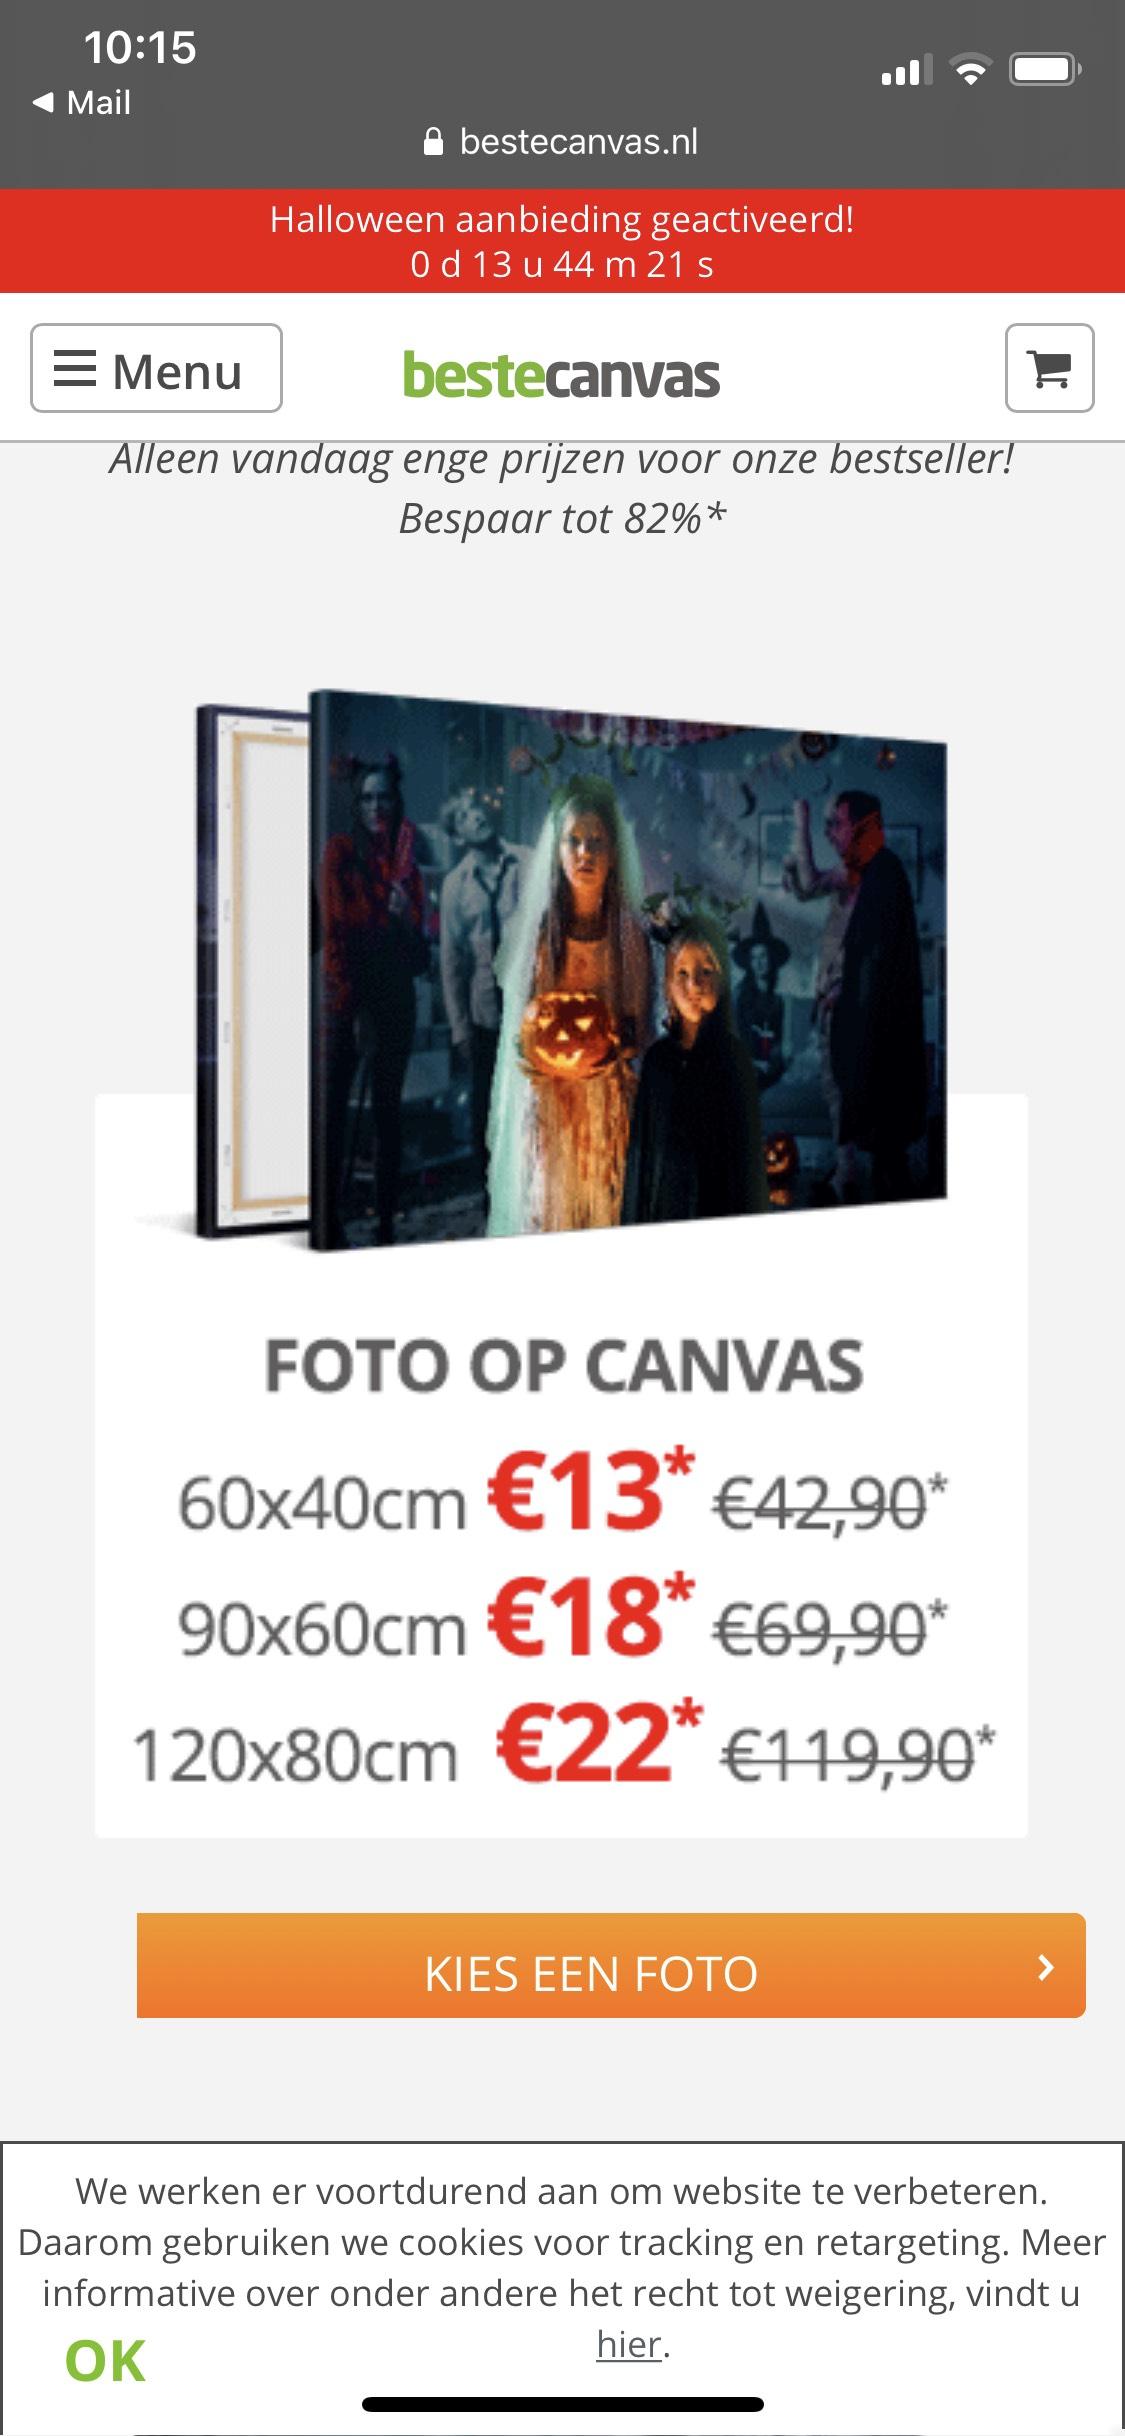 120 x 80 foto op canvas 22.-